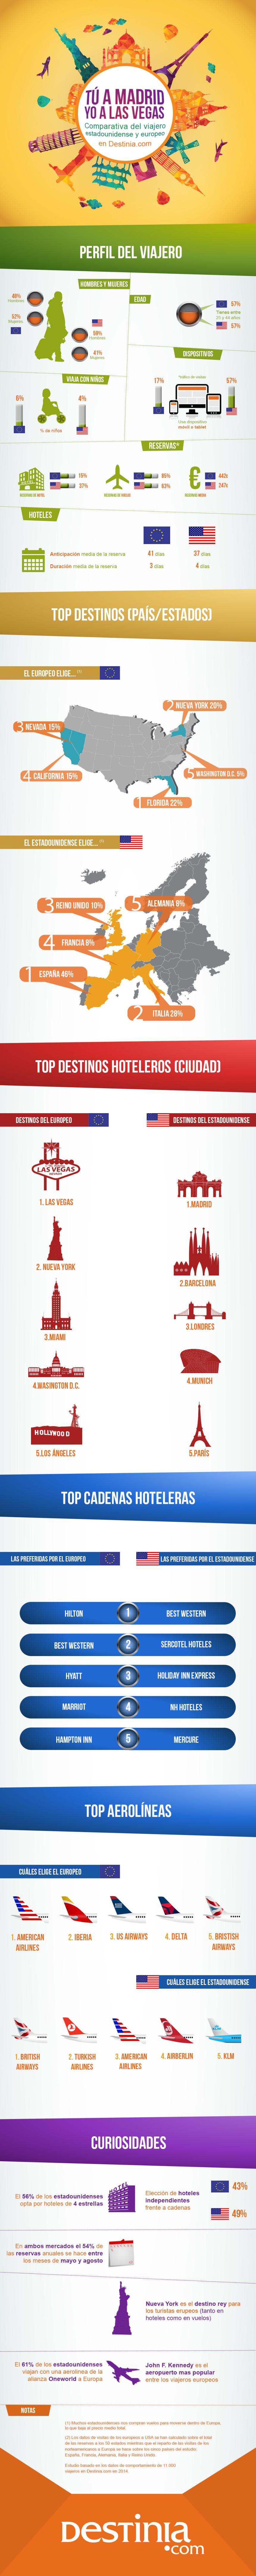 Viajeros europeos vs viajeros estadounidenses